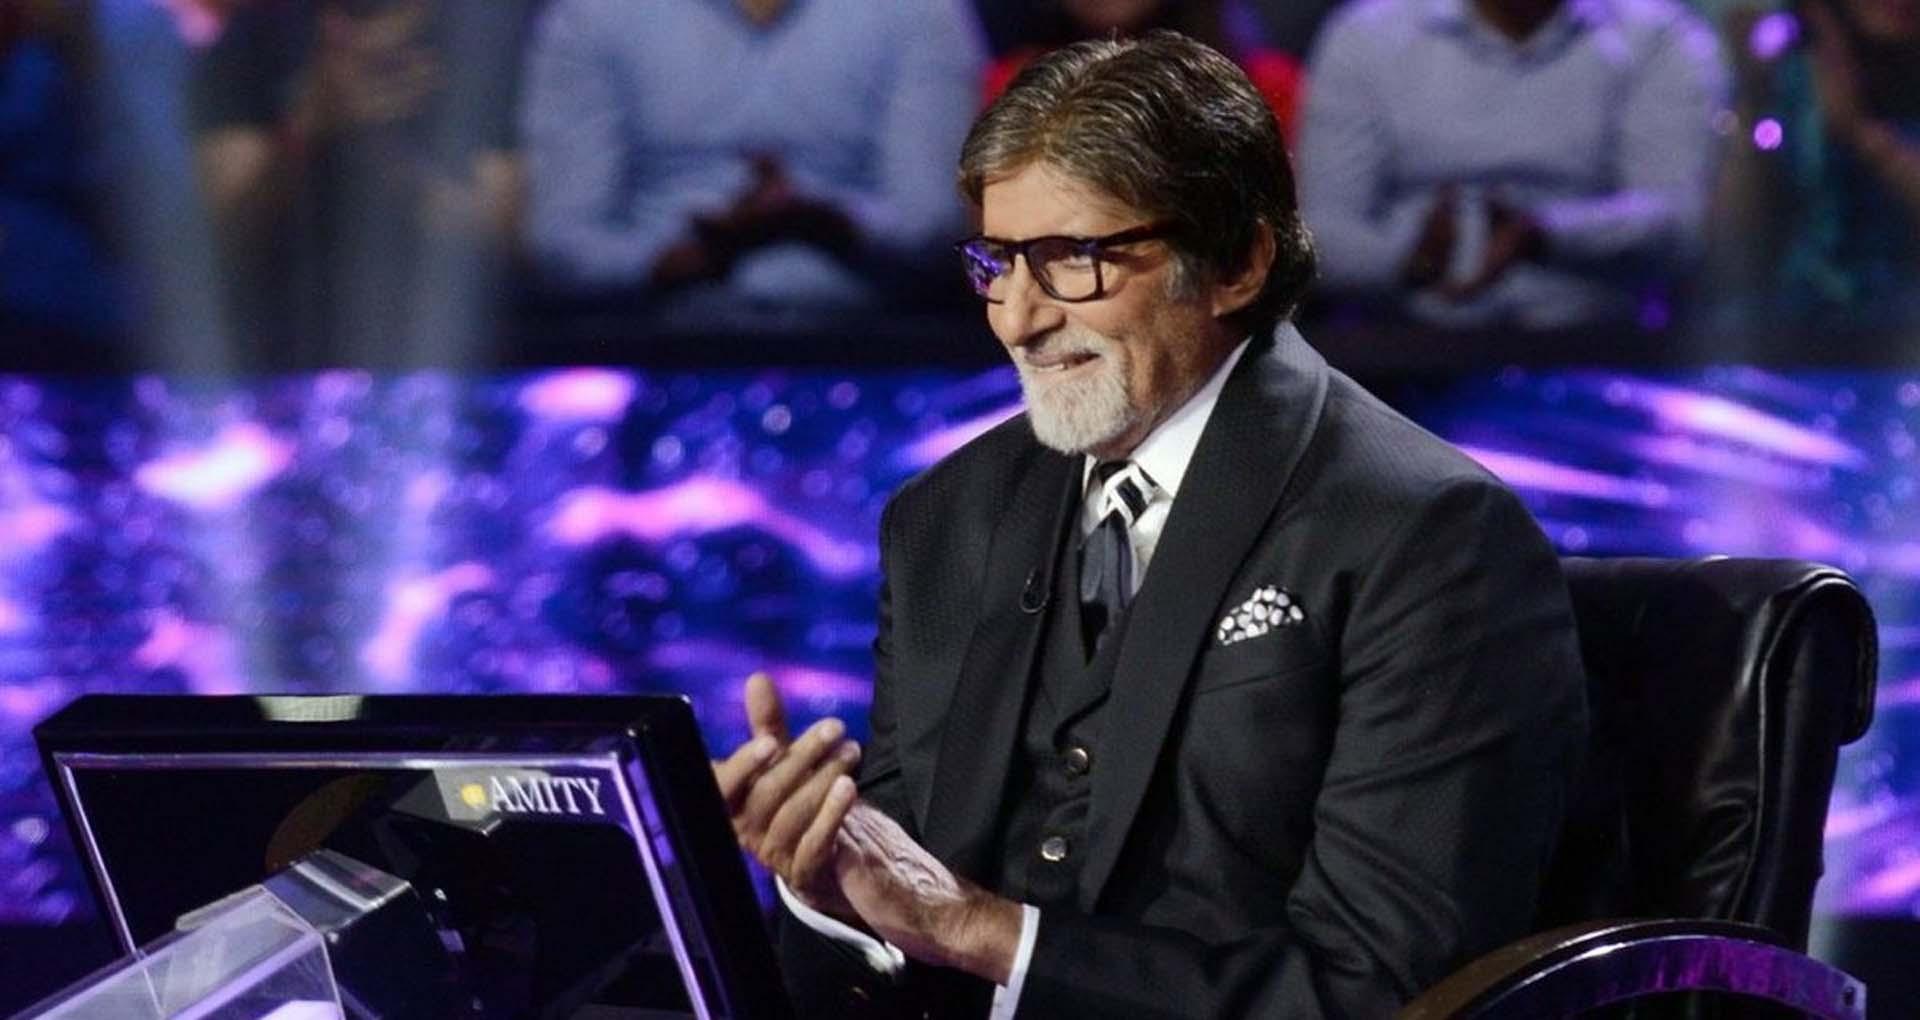 KBC: 50 लाख रुपए के इस सवाल पर कंटेस्टेंट ने किया क्विट, क्या आप जानते हैं जवाब?